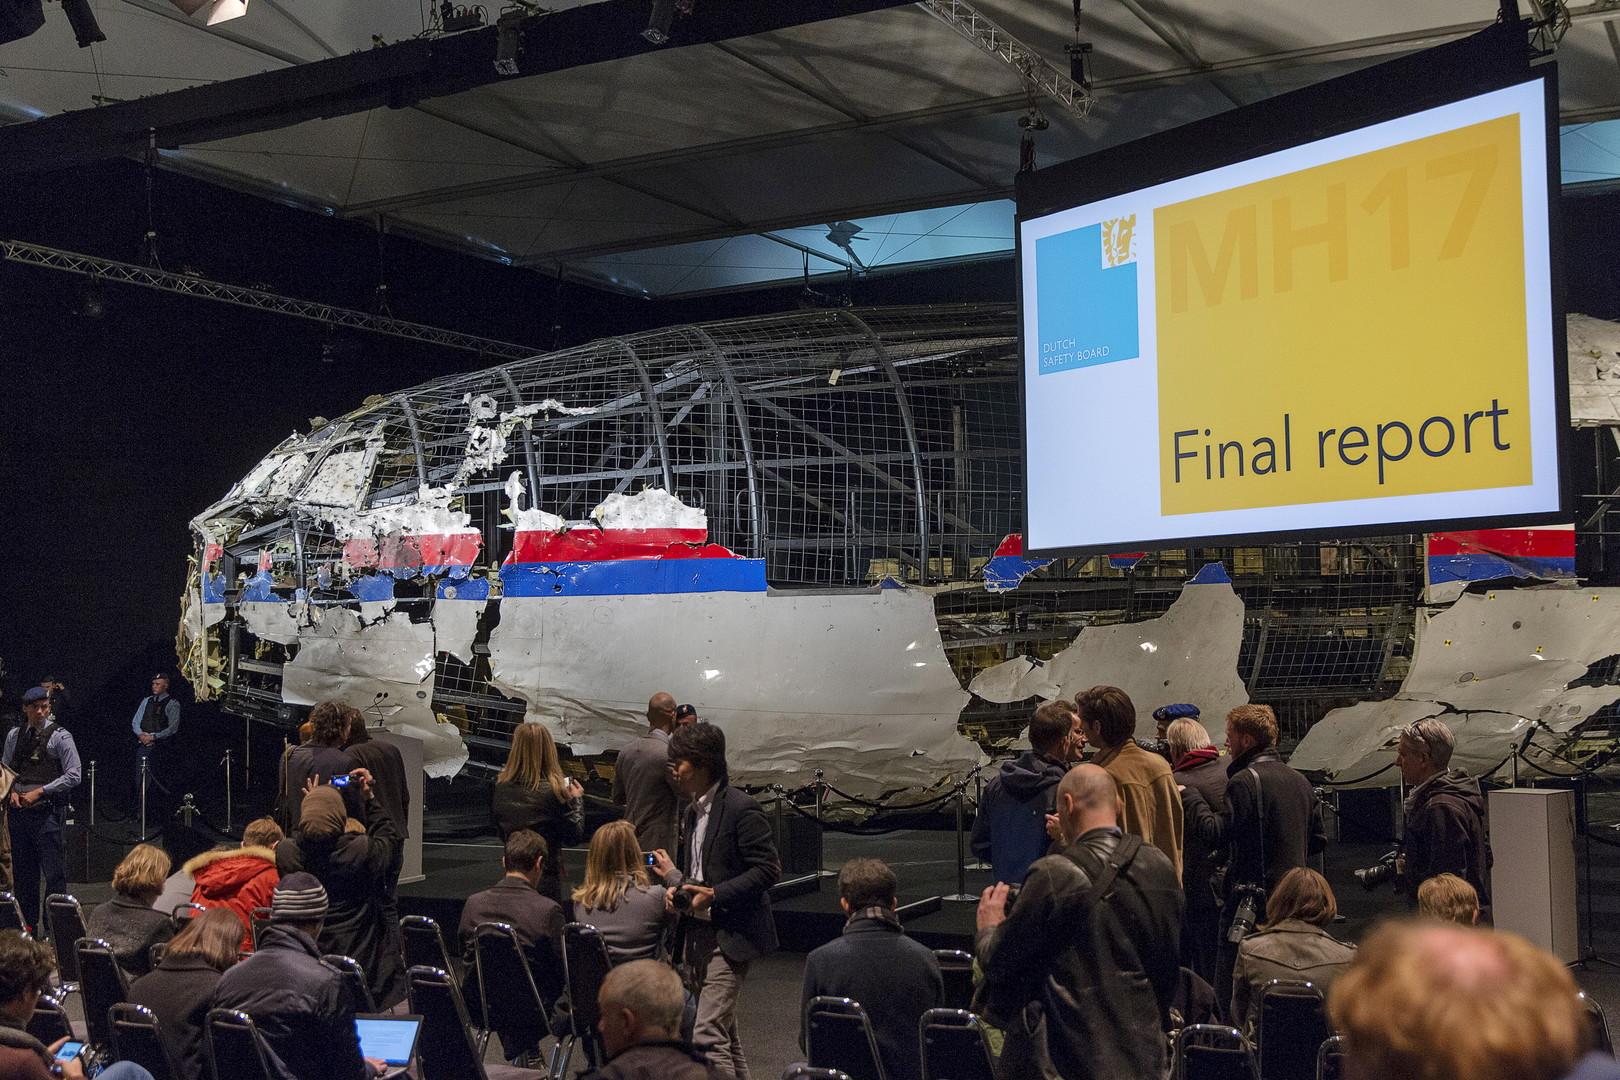 باتروشيف يناقش في ماليزيا سير التحقيقات في حادث إسقاط طائرة بوينغ الماليزية فوق أوكرانيا عام 2014